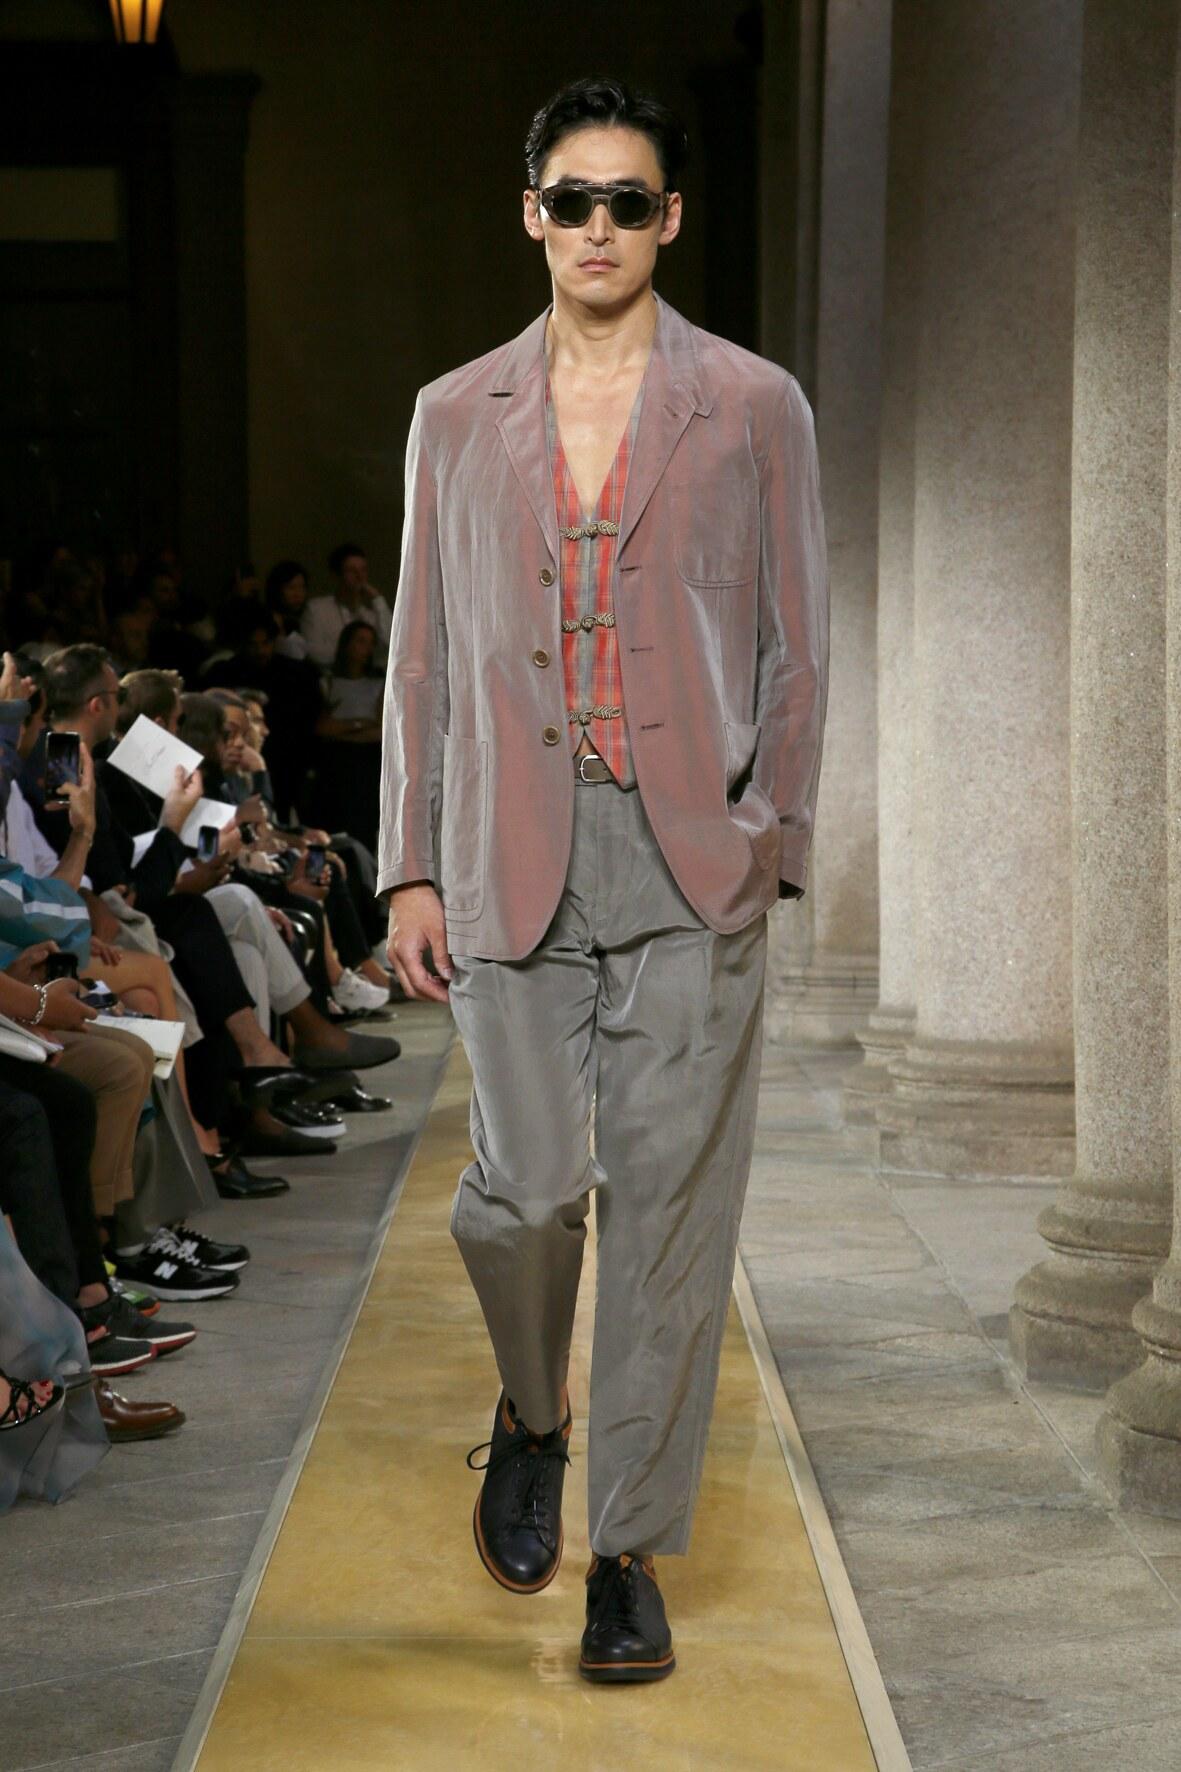 2020 Giorgio Armani Trends Milan Fashion